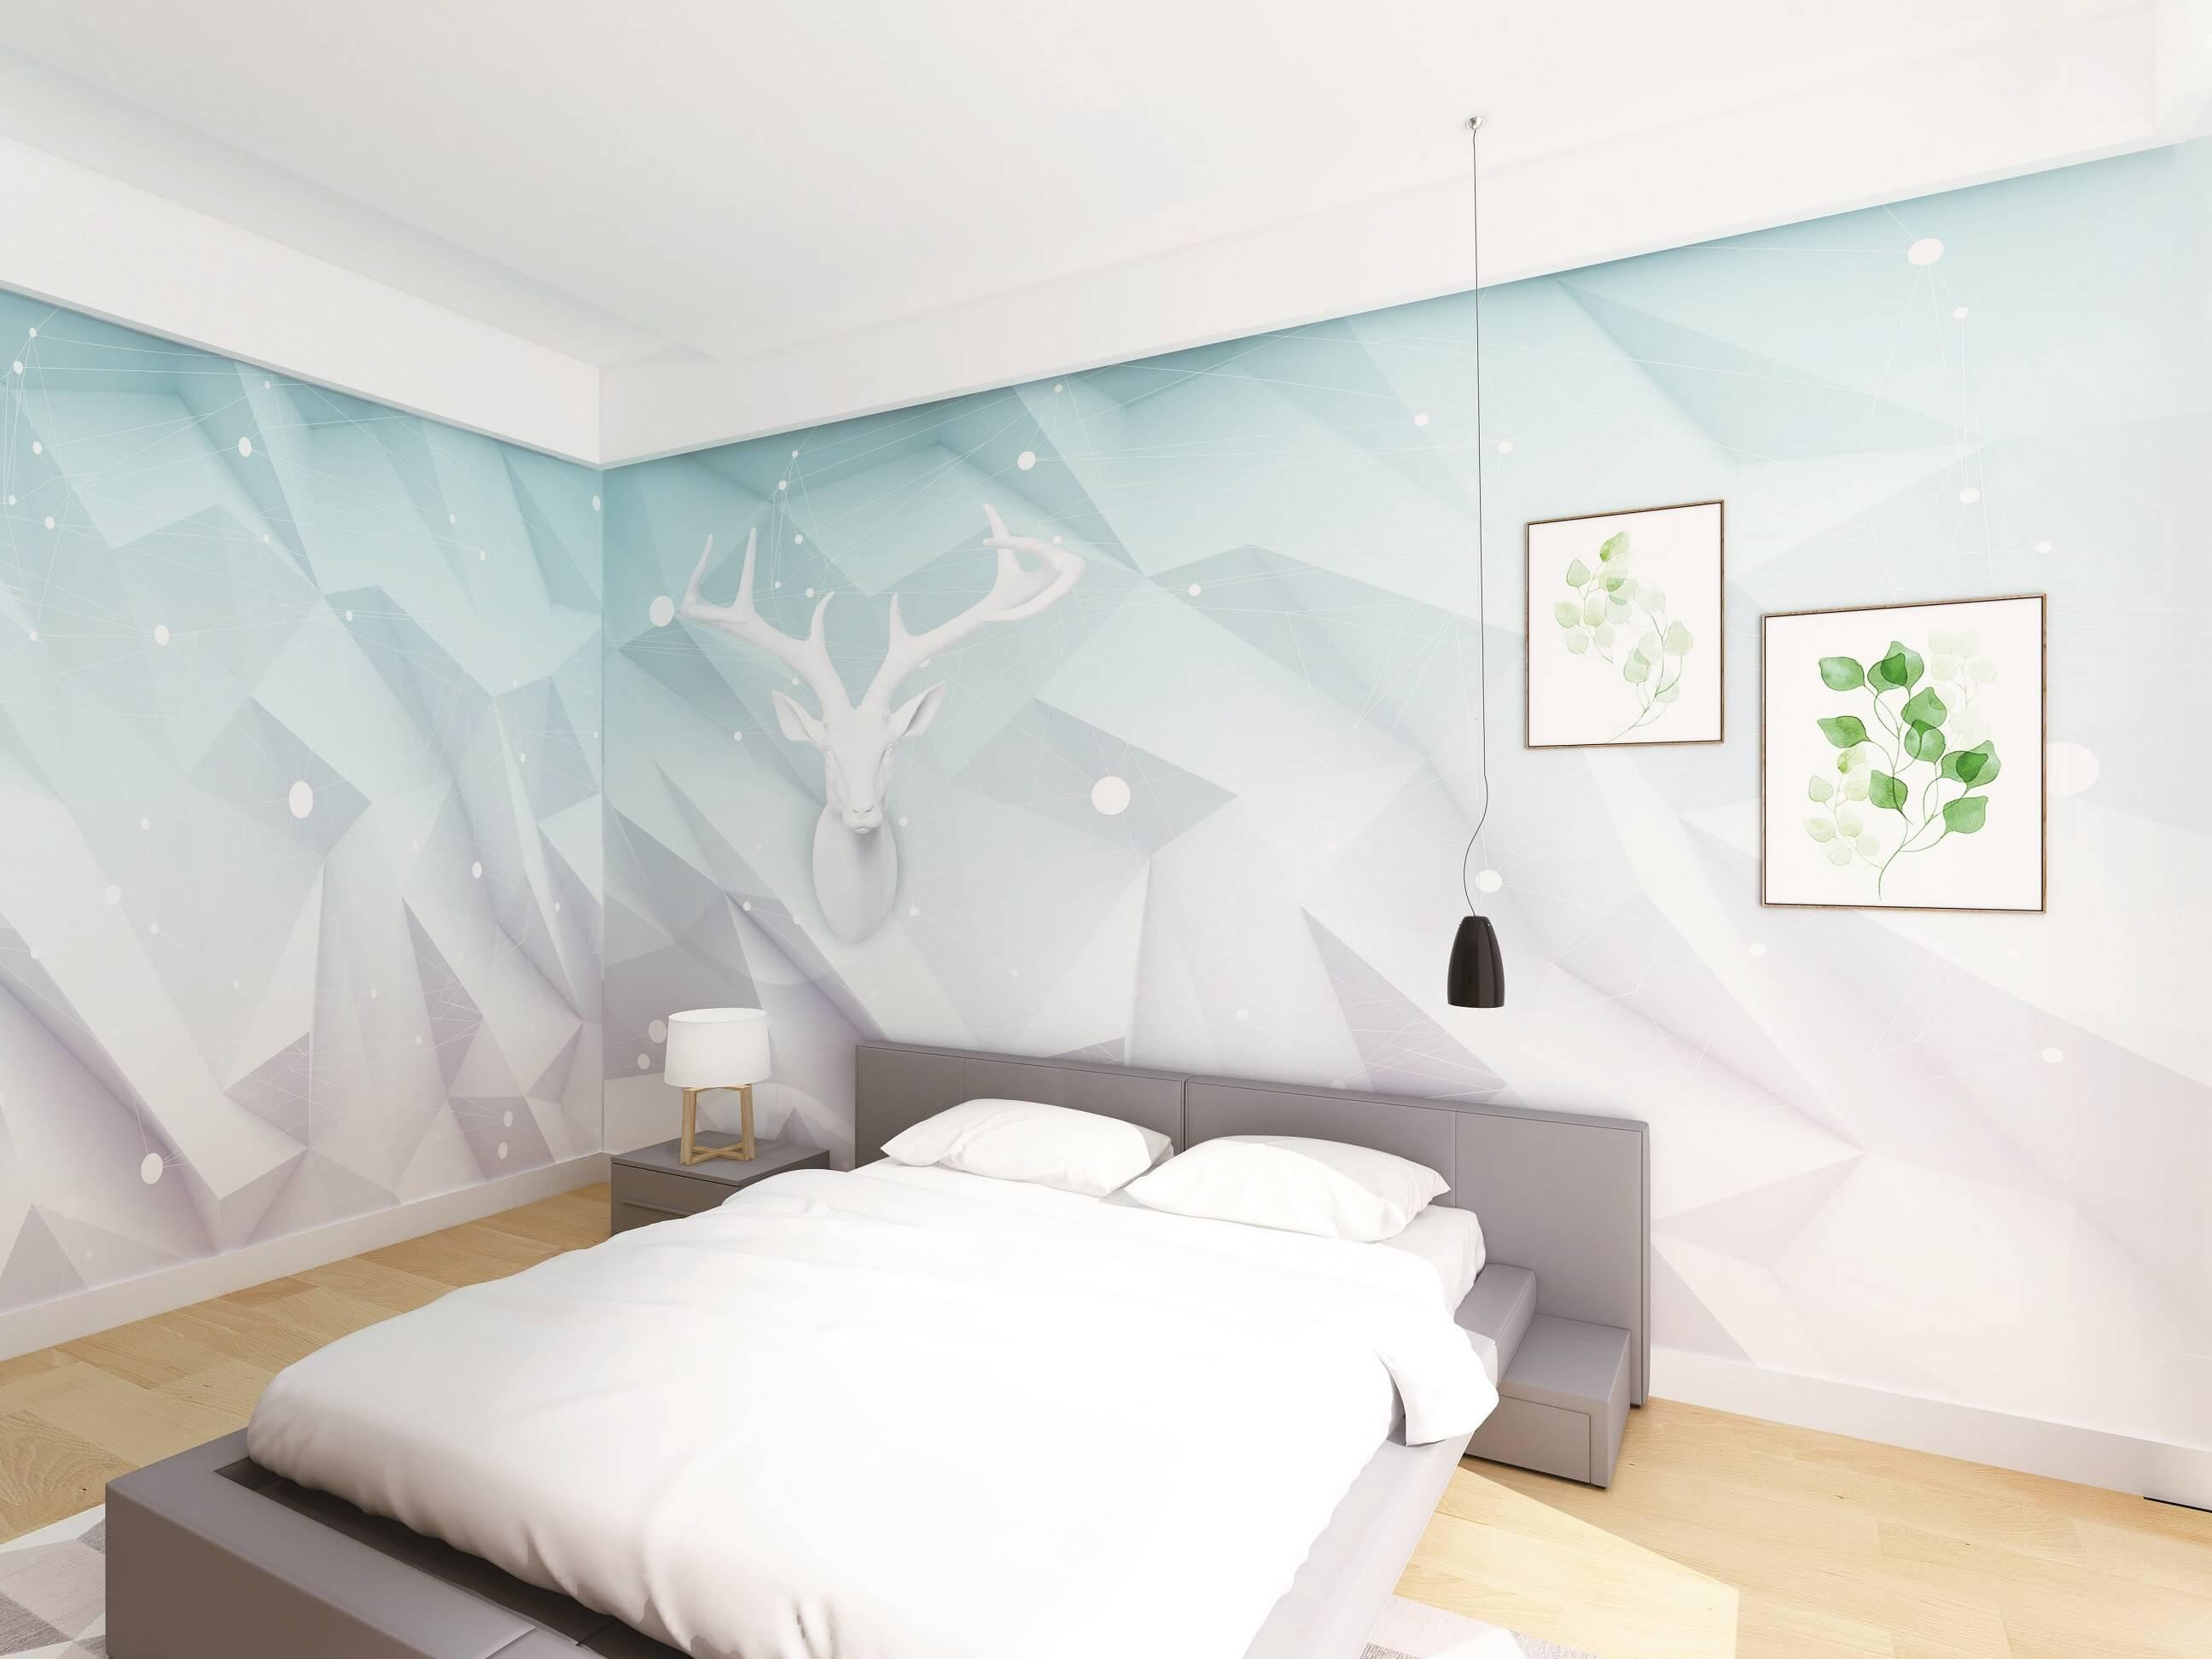 几何麋鹿儿童房环保墙布